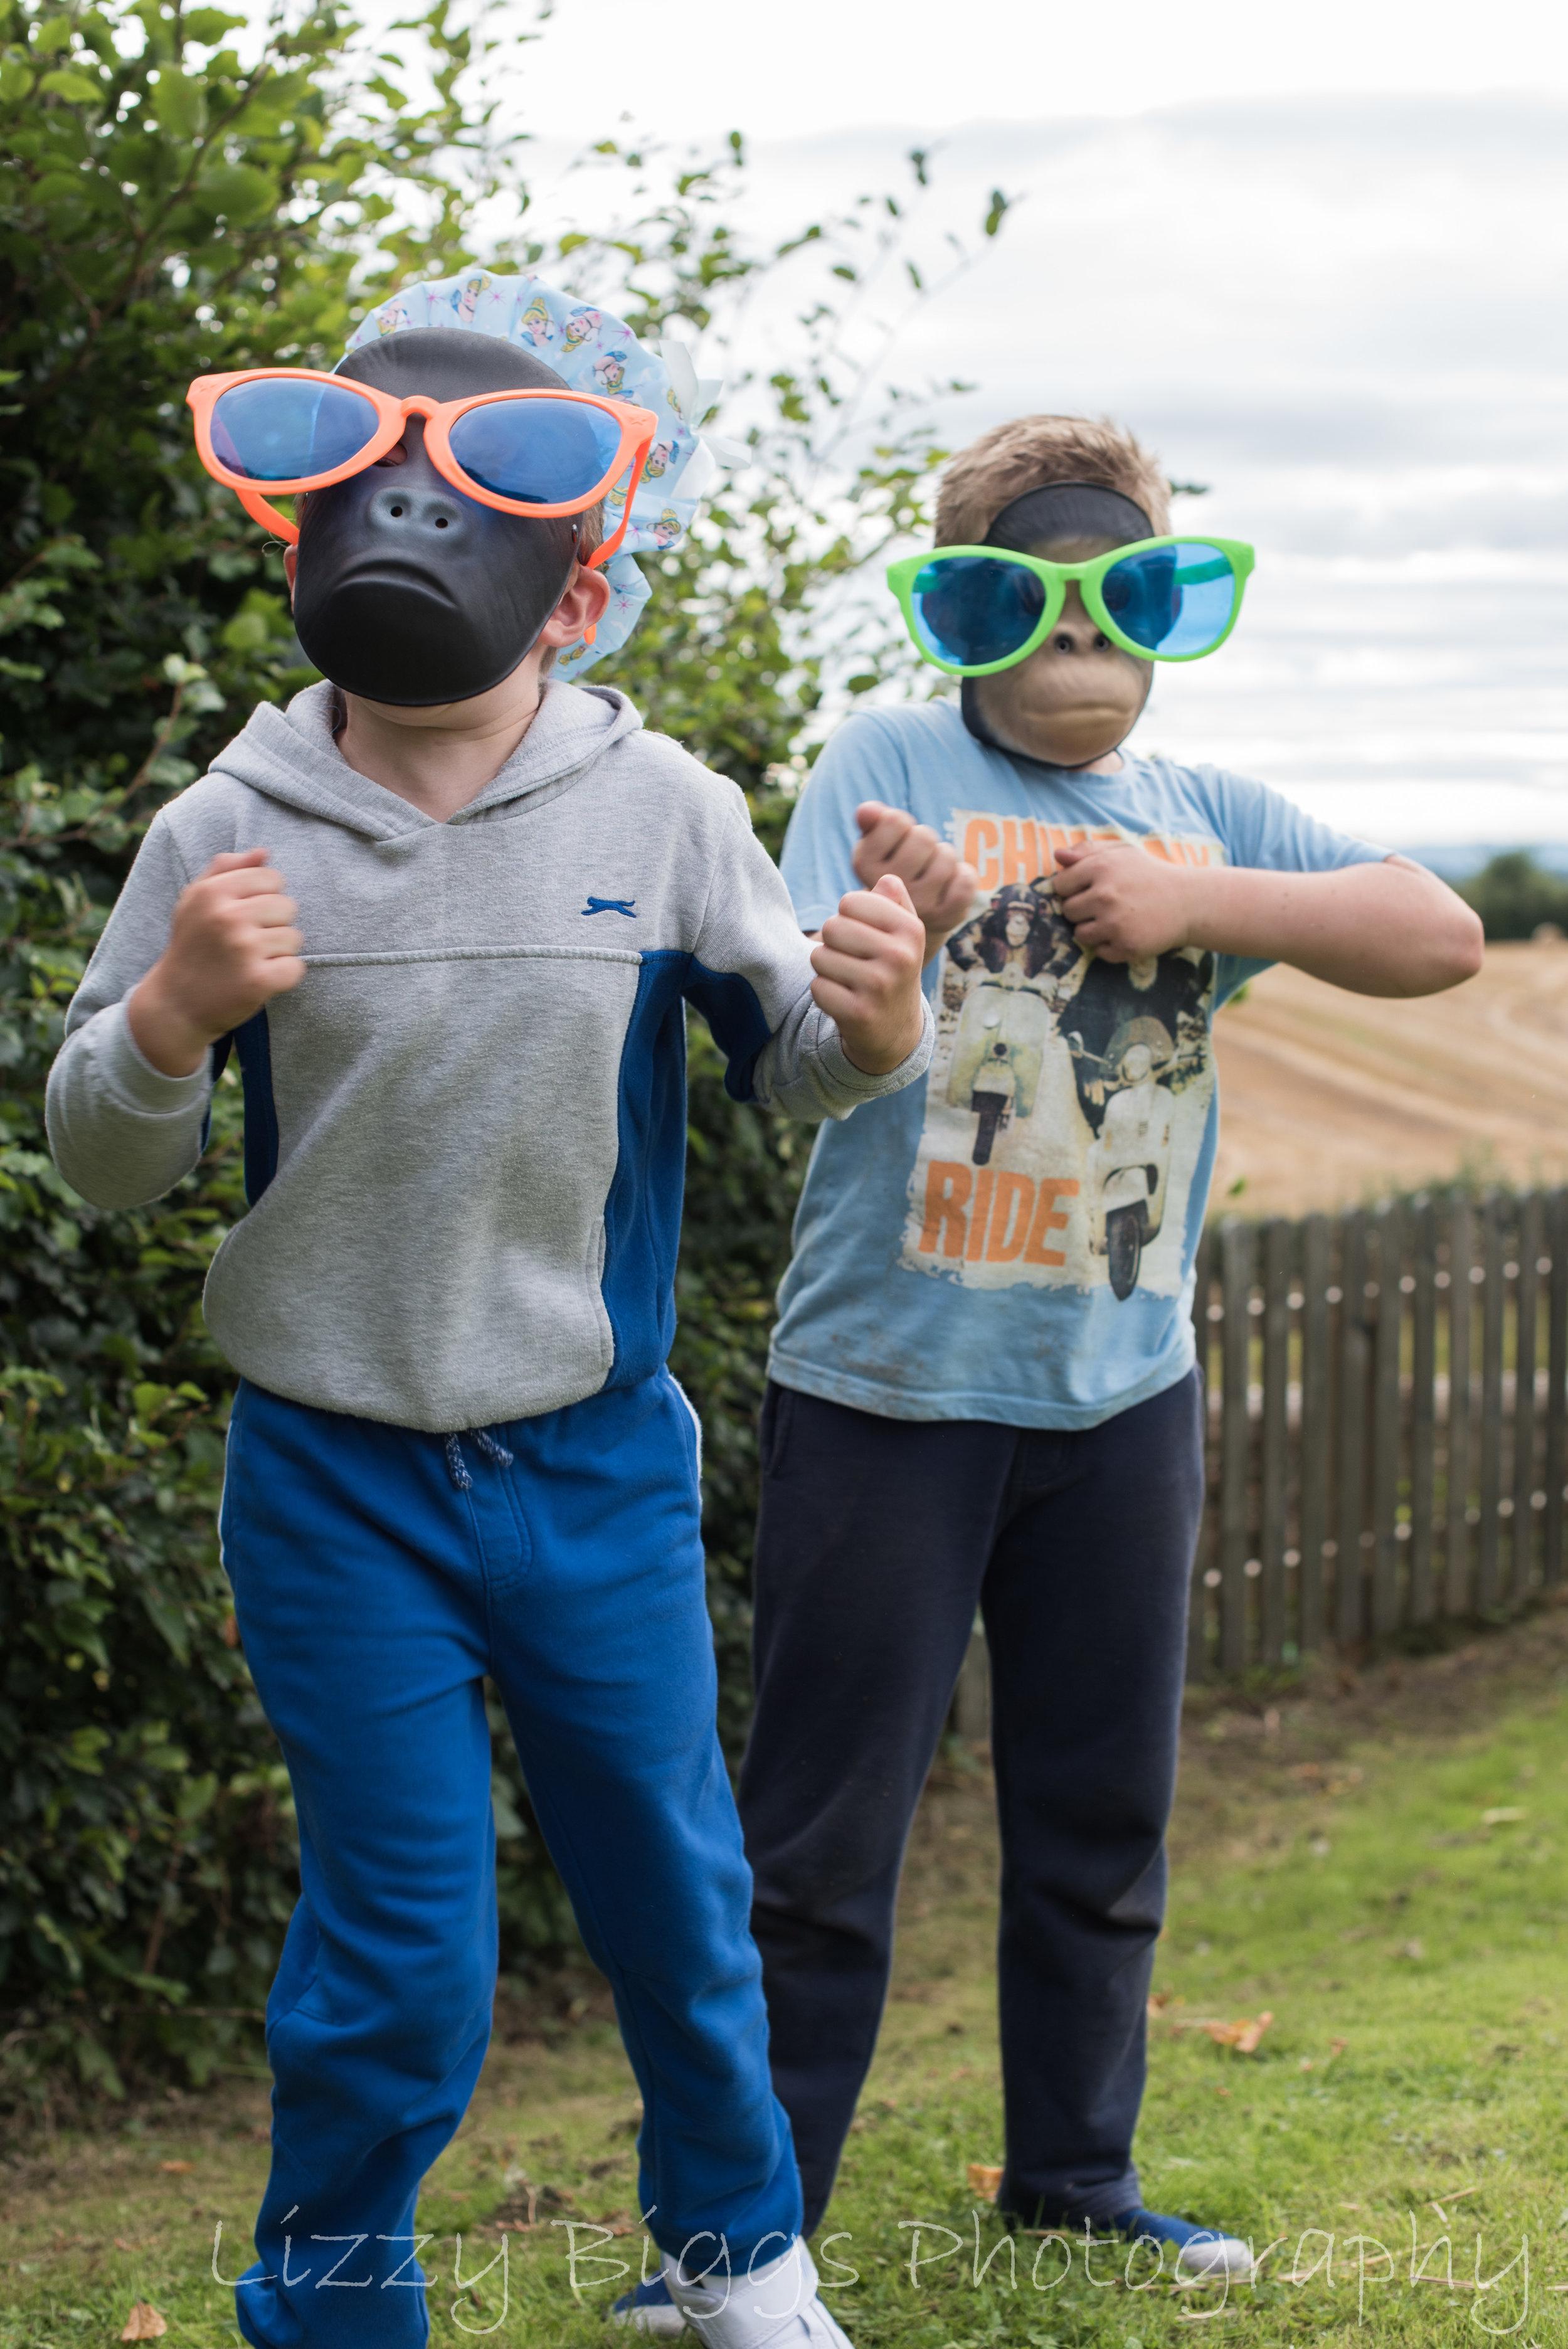 Boys in monkey masks dancing